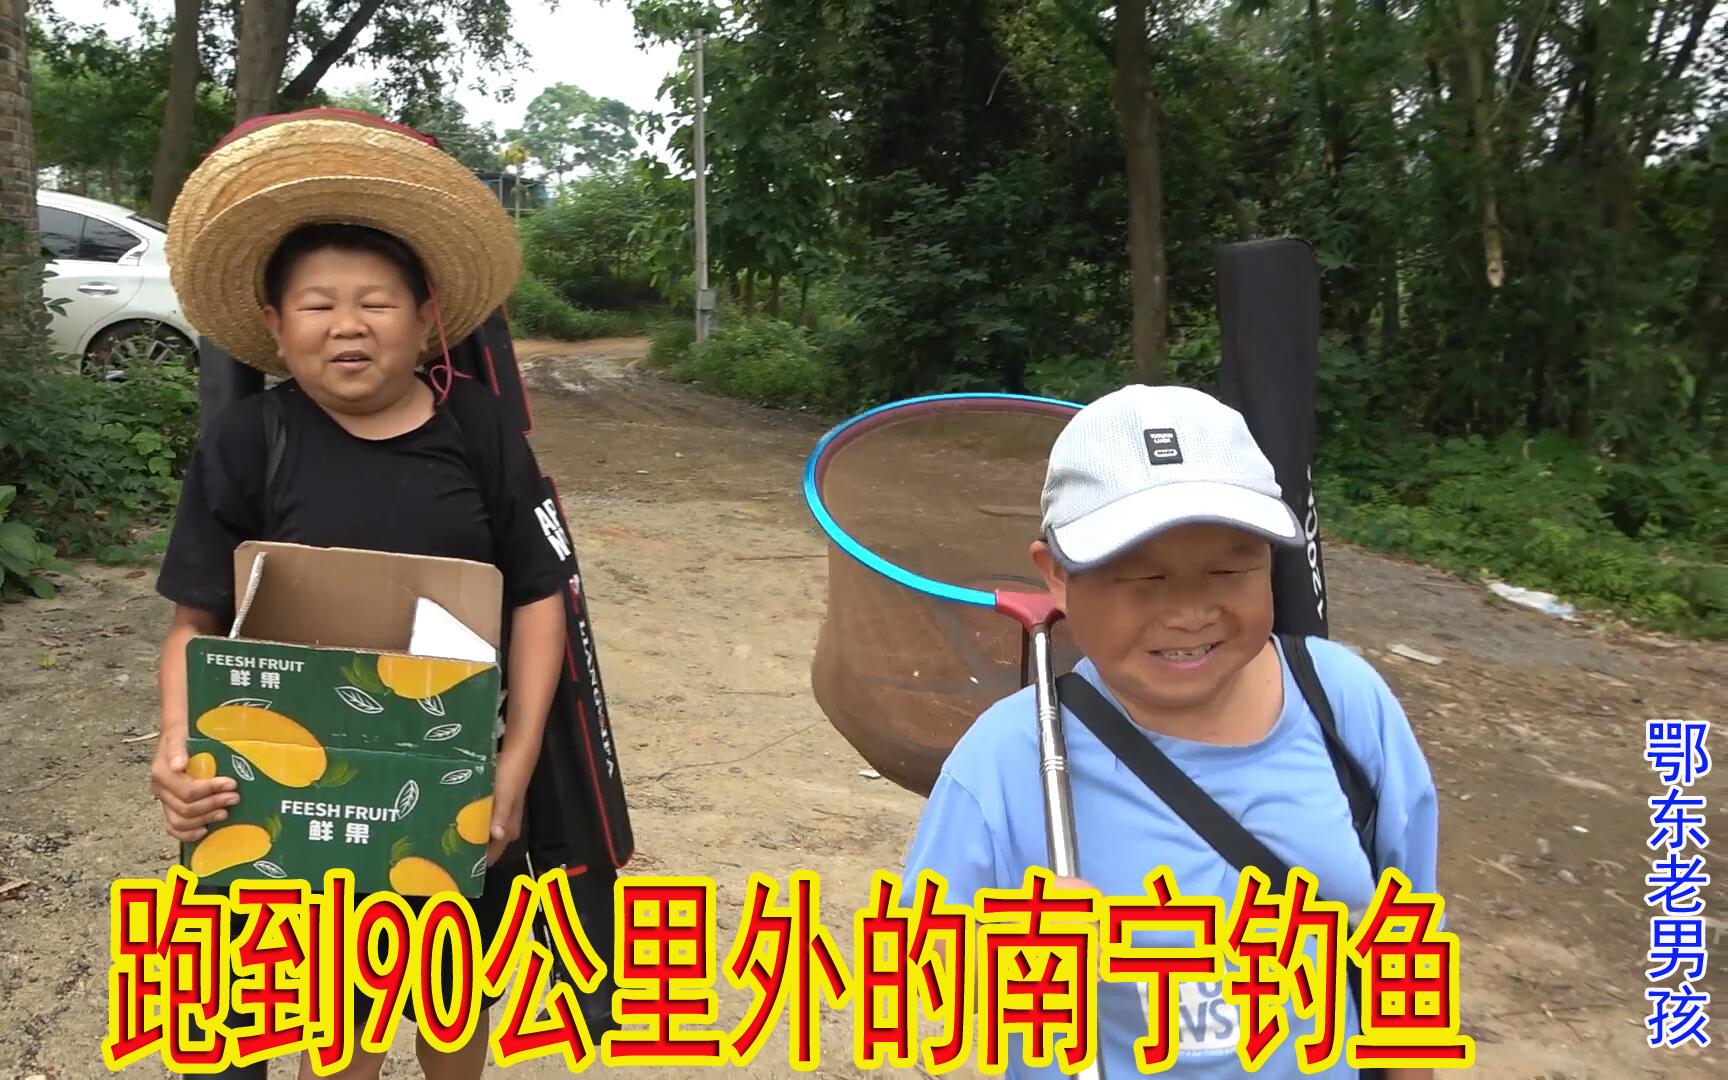 老男孩和小六被广西老表拉到90公里外的南宁钓鱼,看看有什么收获